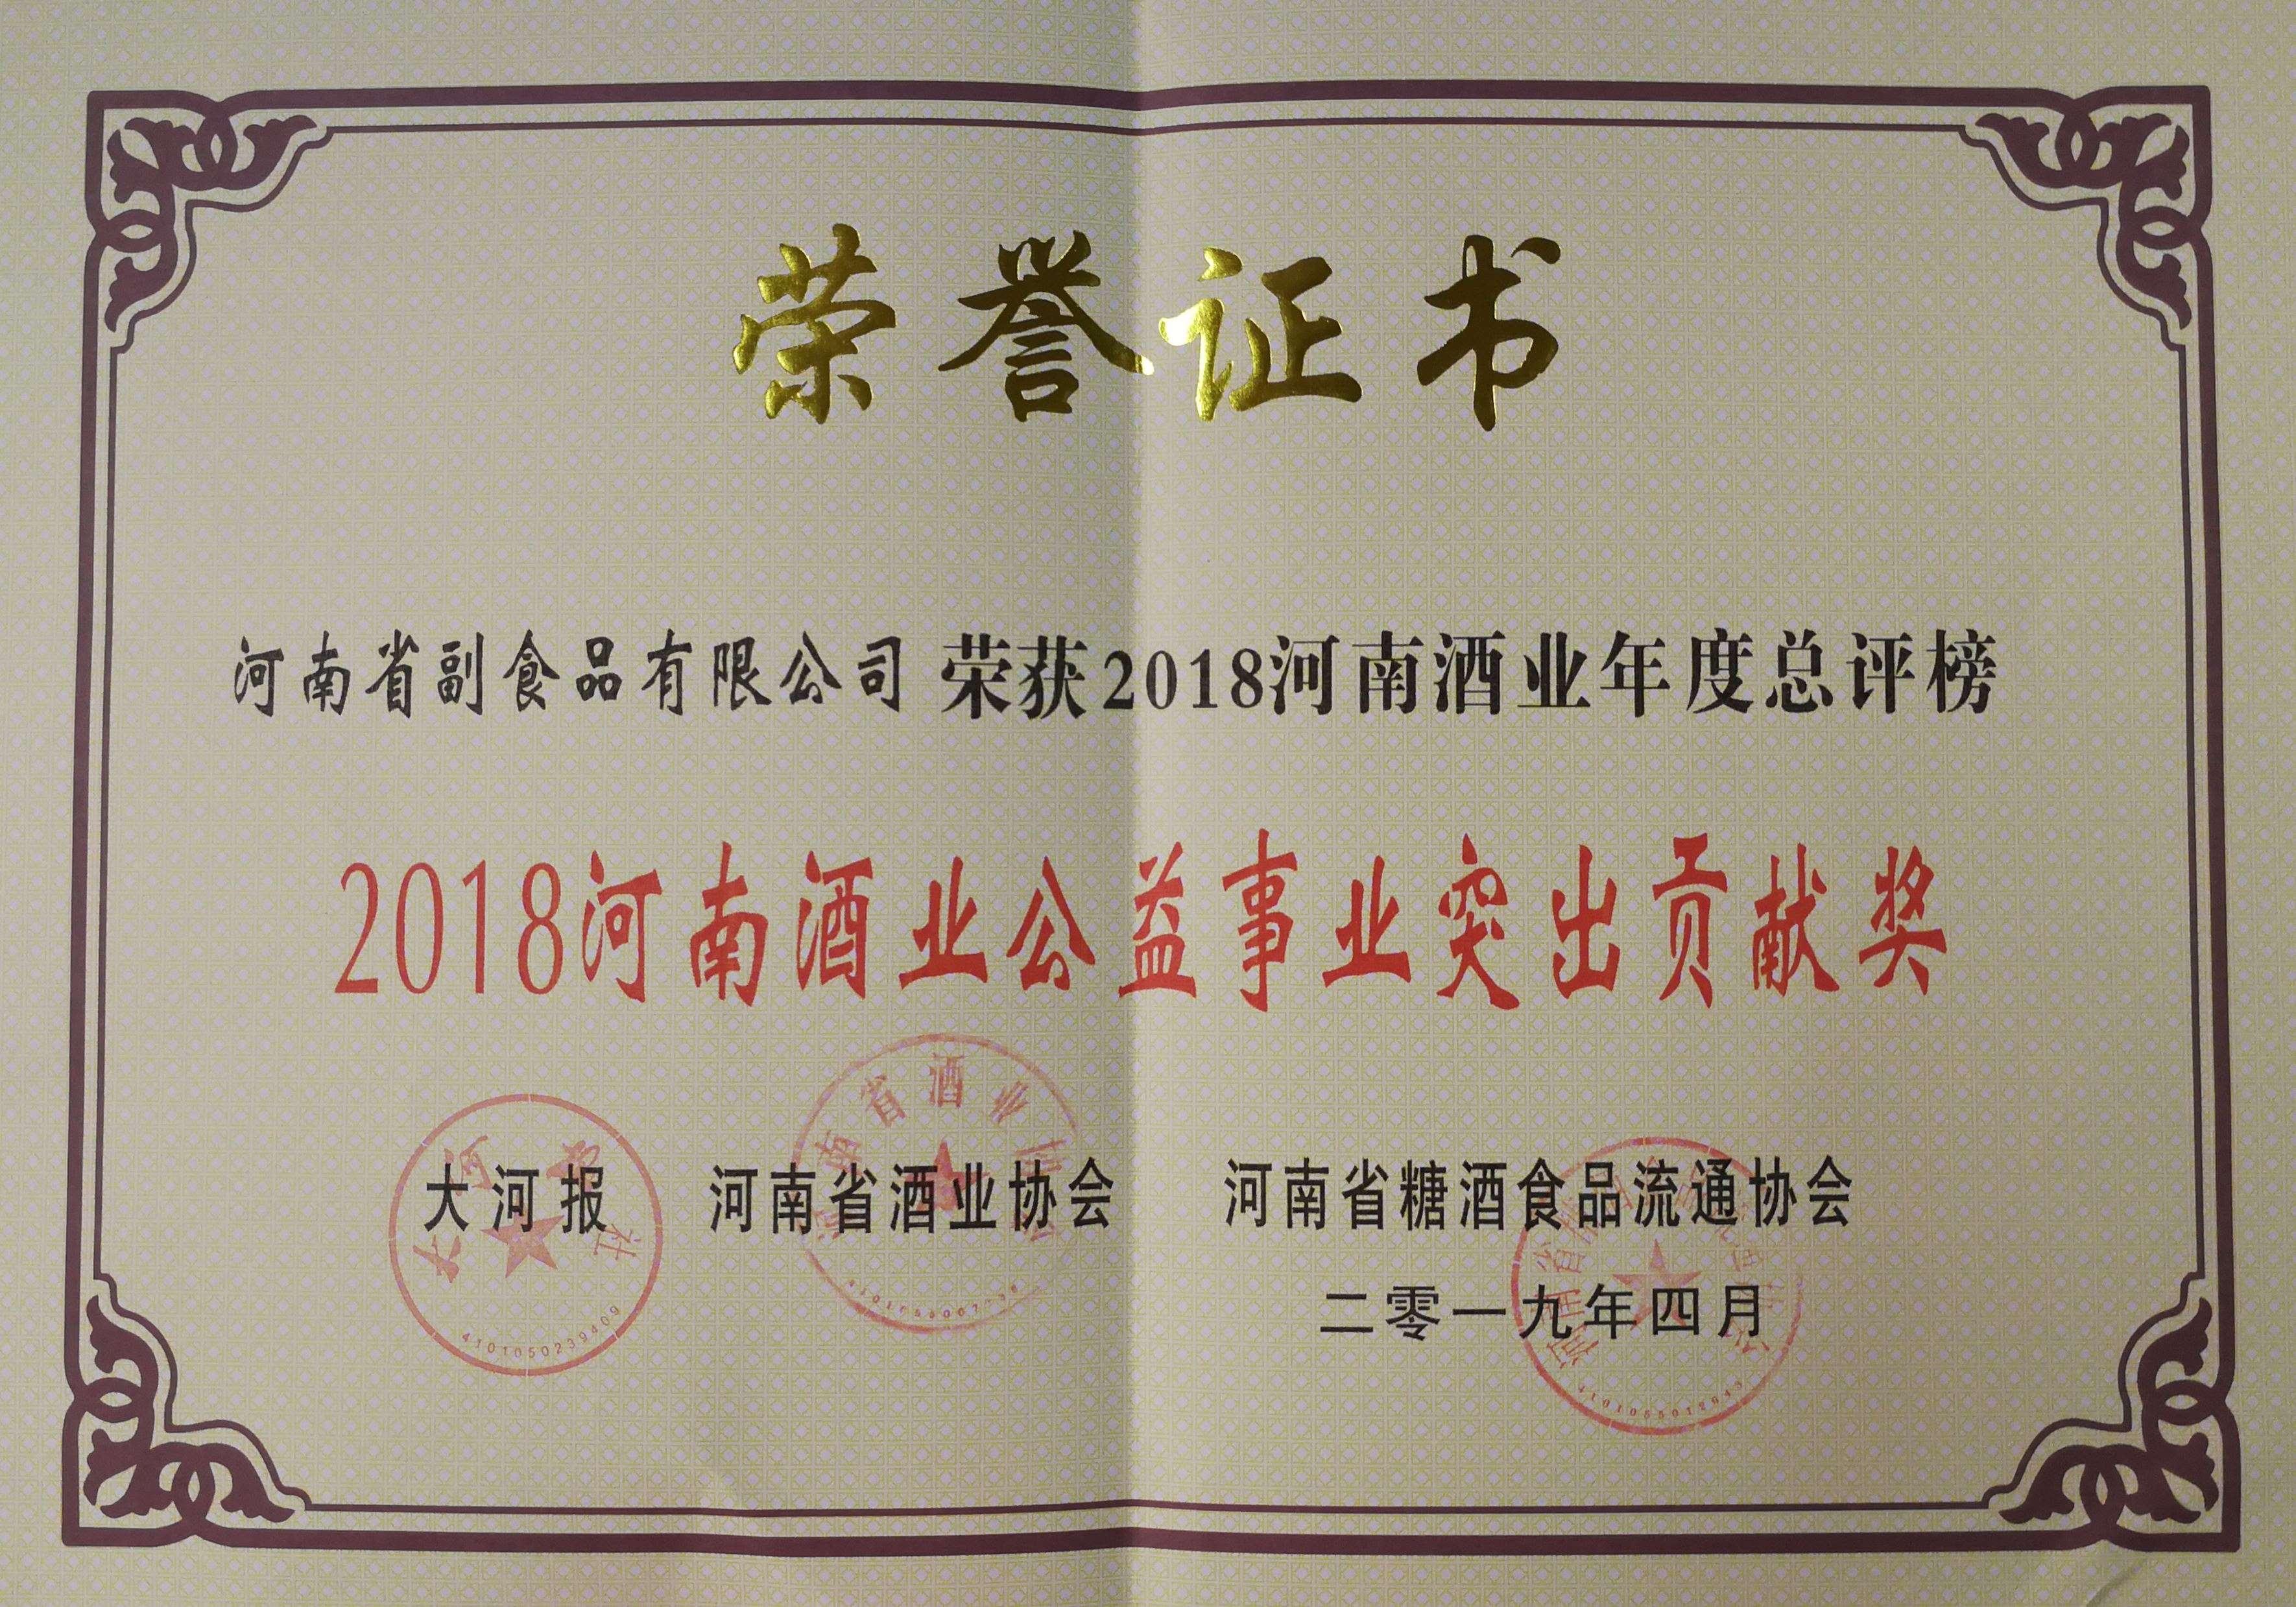 2018河南酒业公益事业突出贡献奖